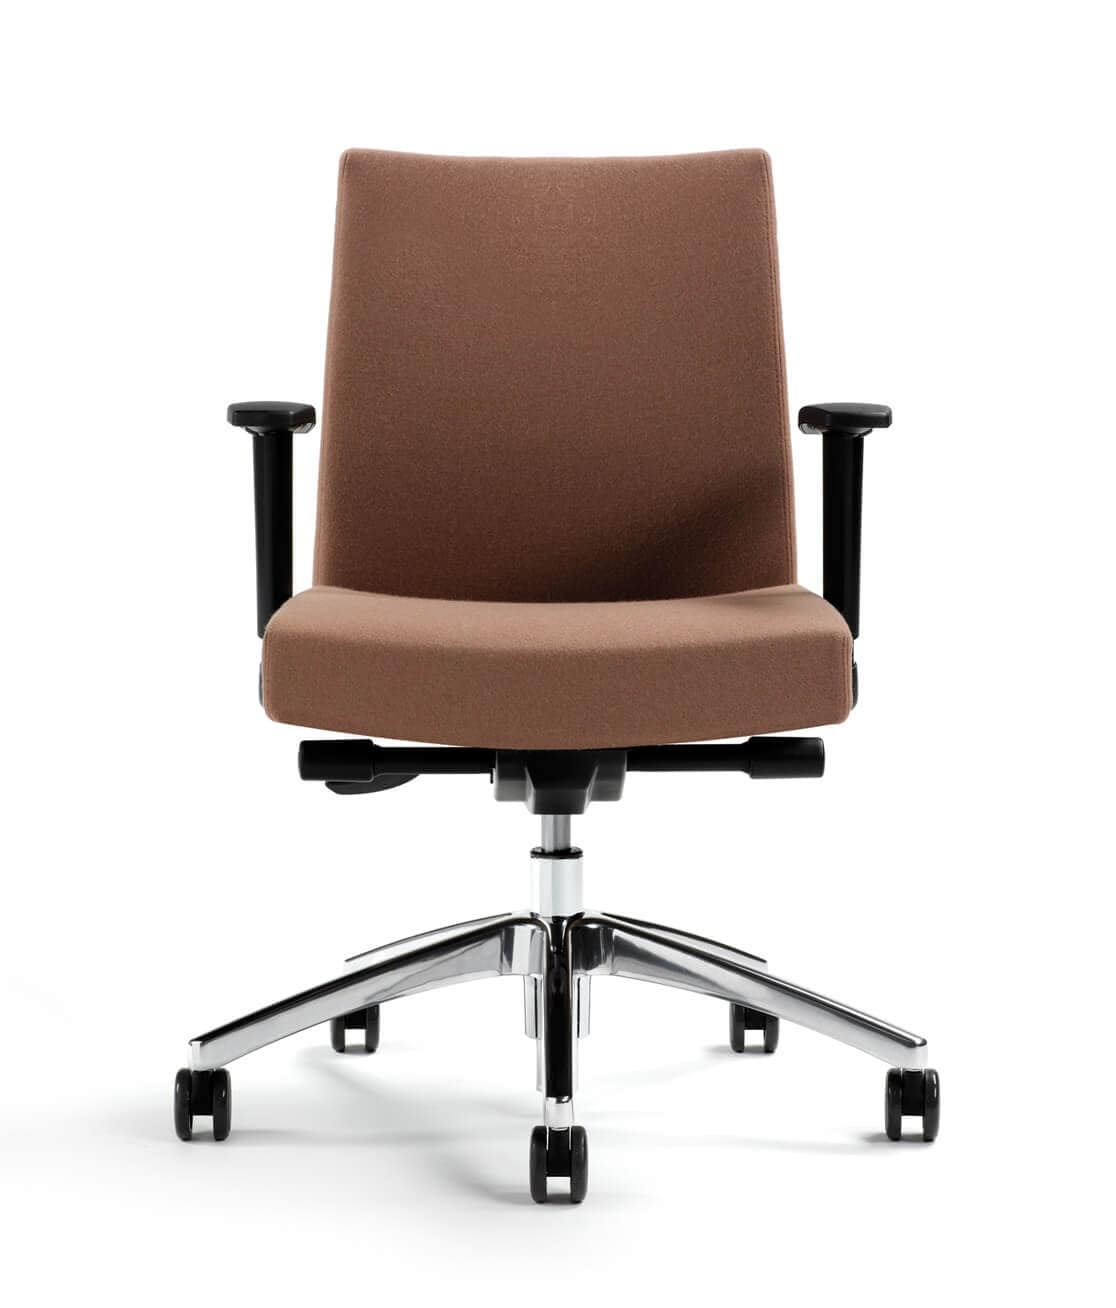 Sedie con ruote per ufficio amministrativo idfdesign for Negozi sedie ufficio